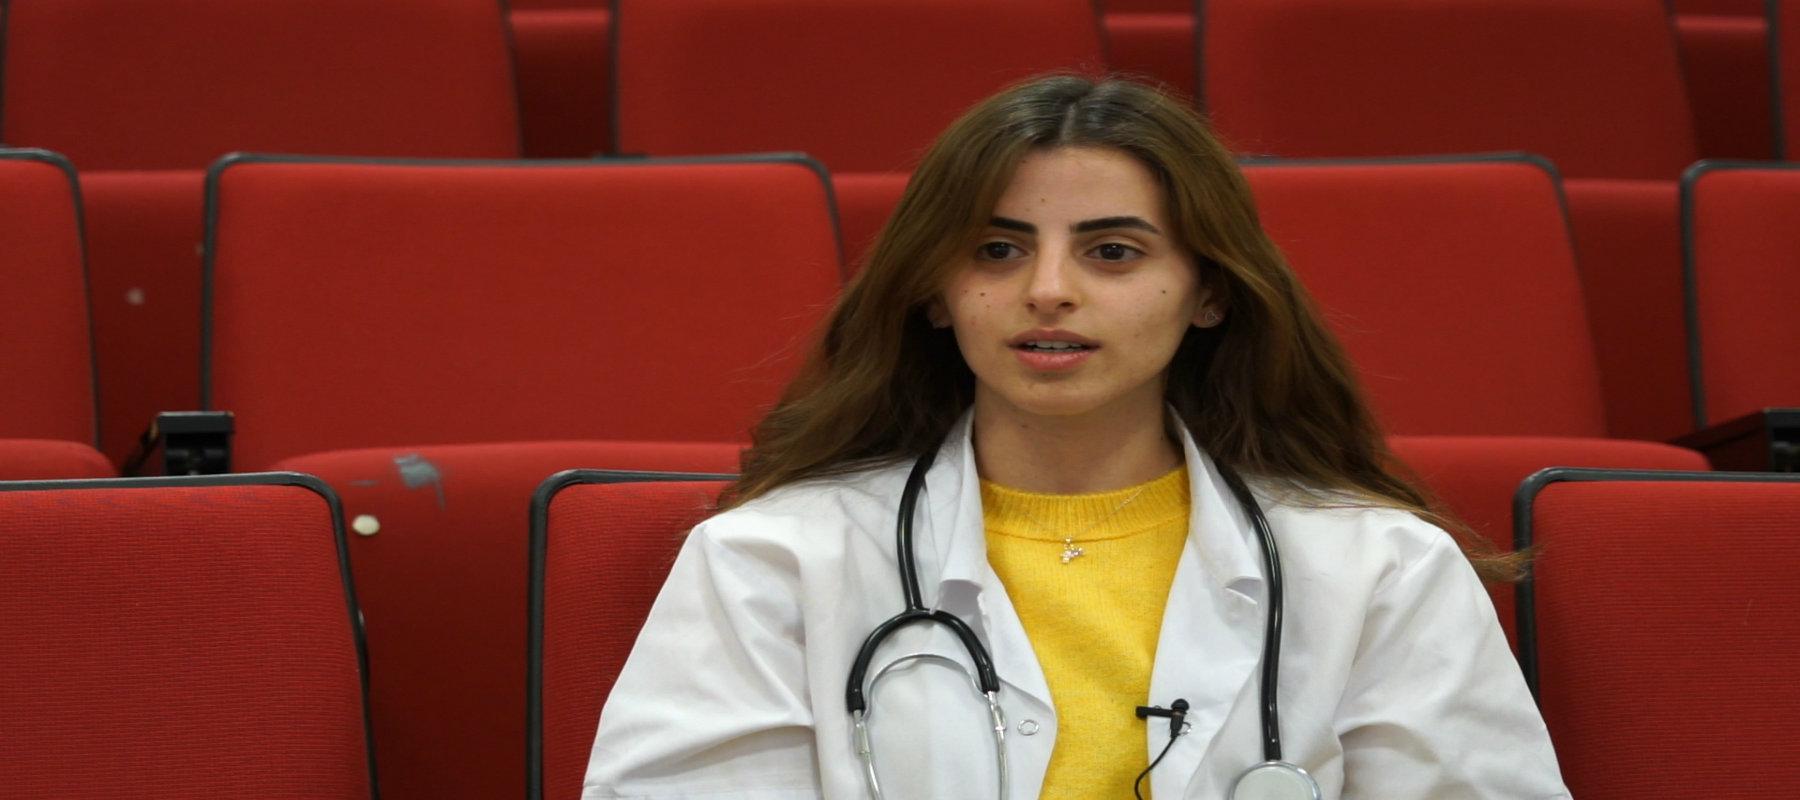 التسجيل للدورة التحضيريّة الخاصة بالتمريض- برنامج الناصرة